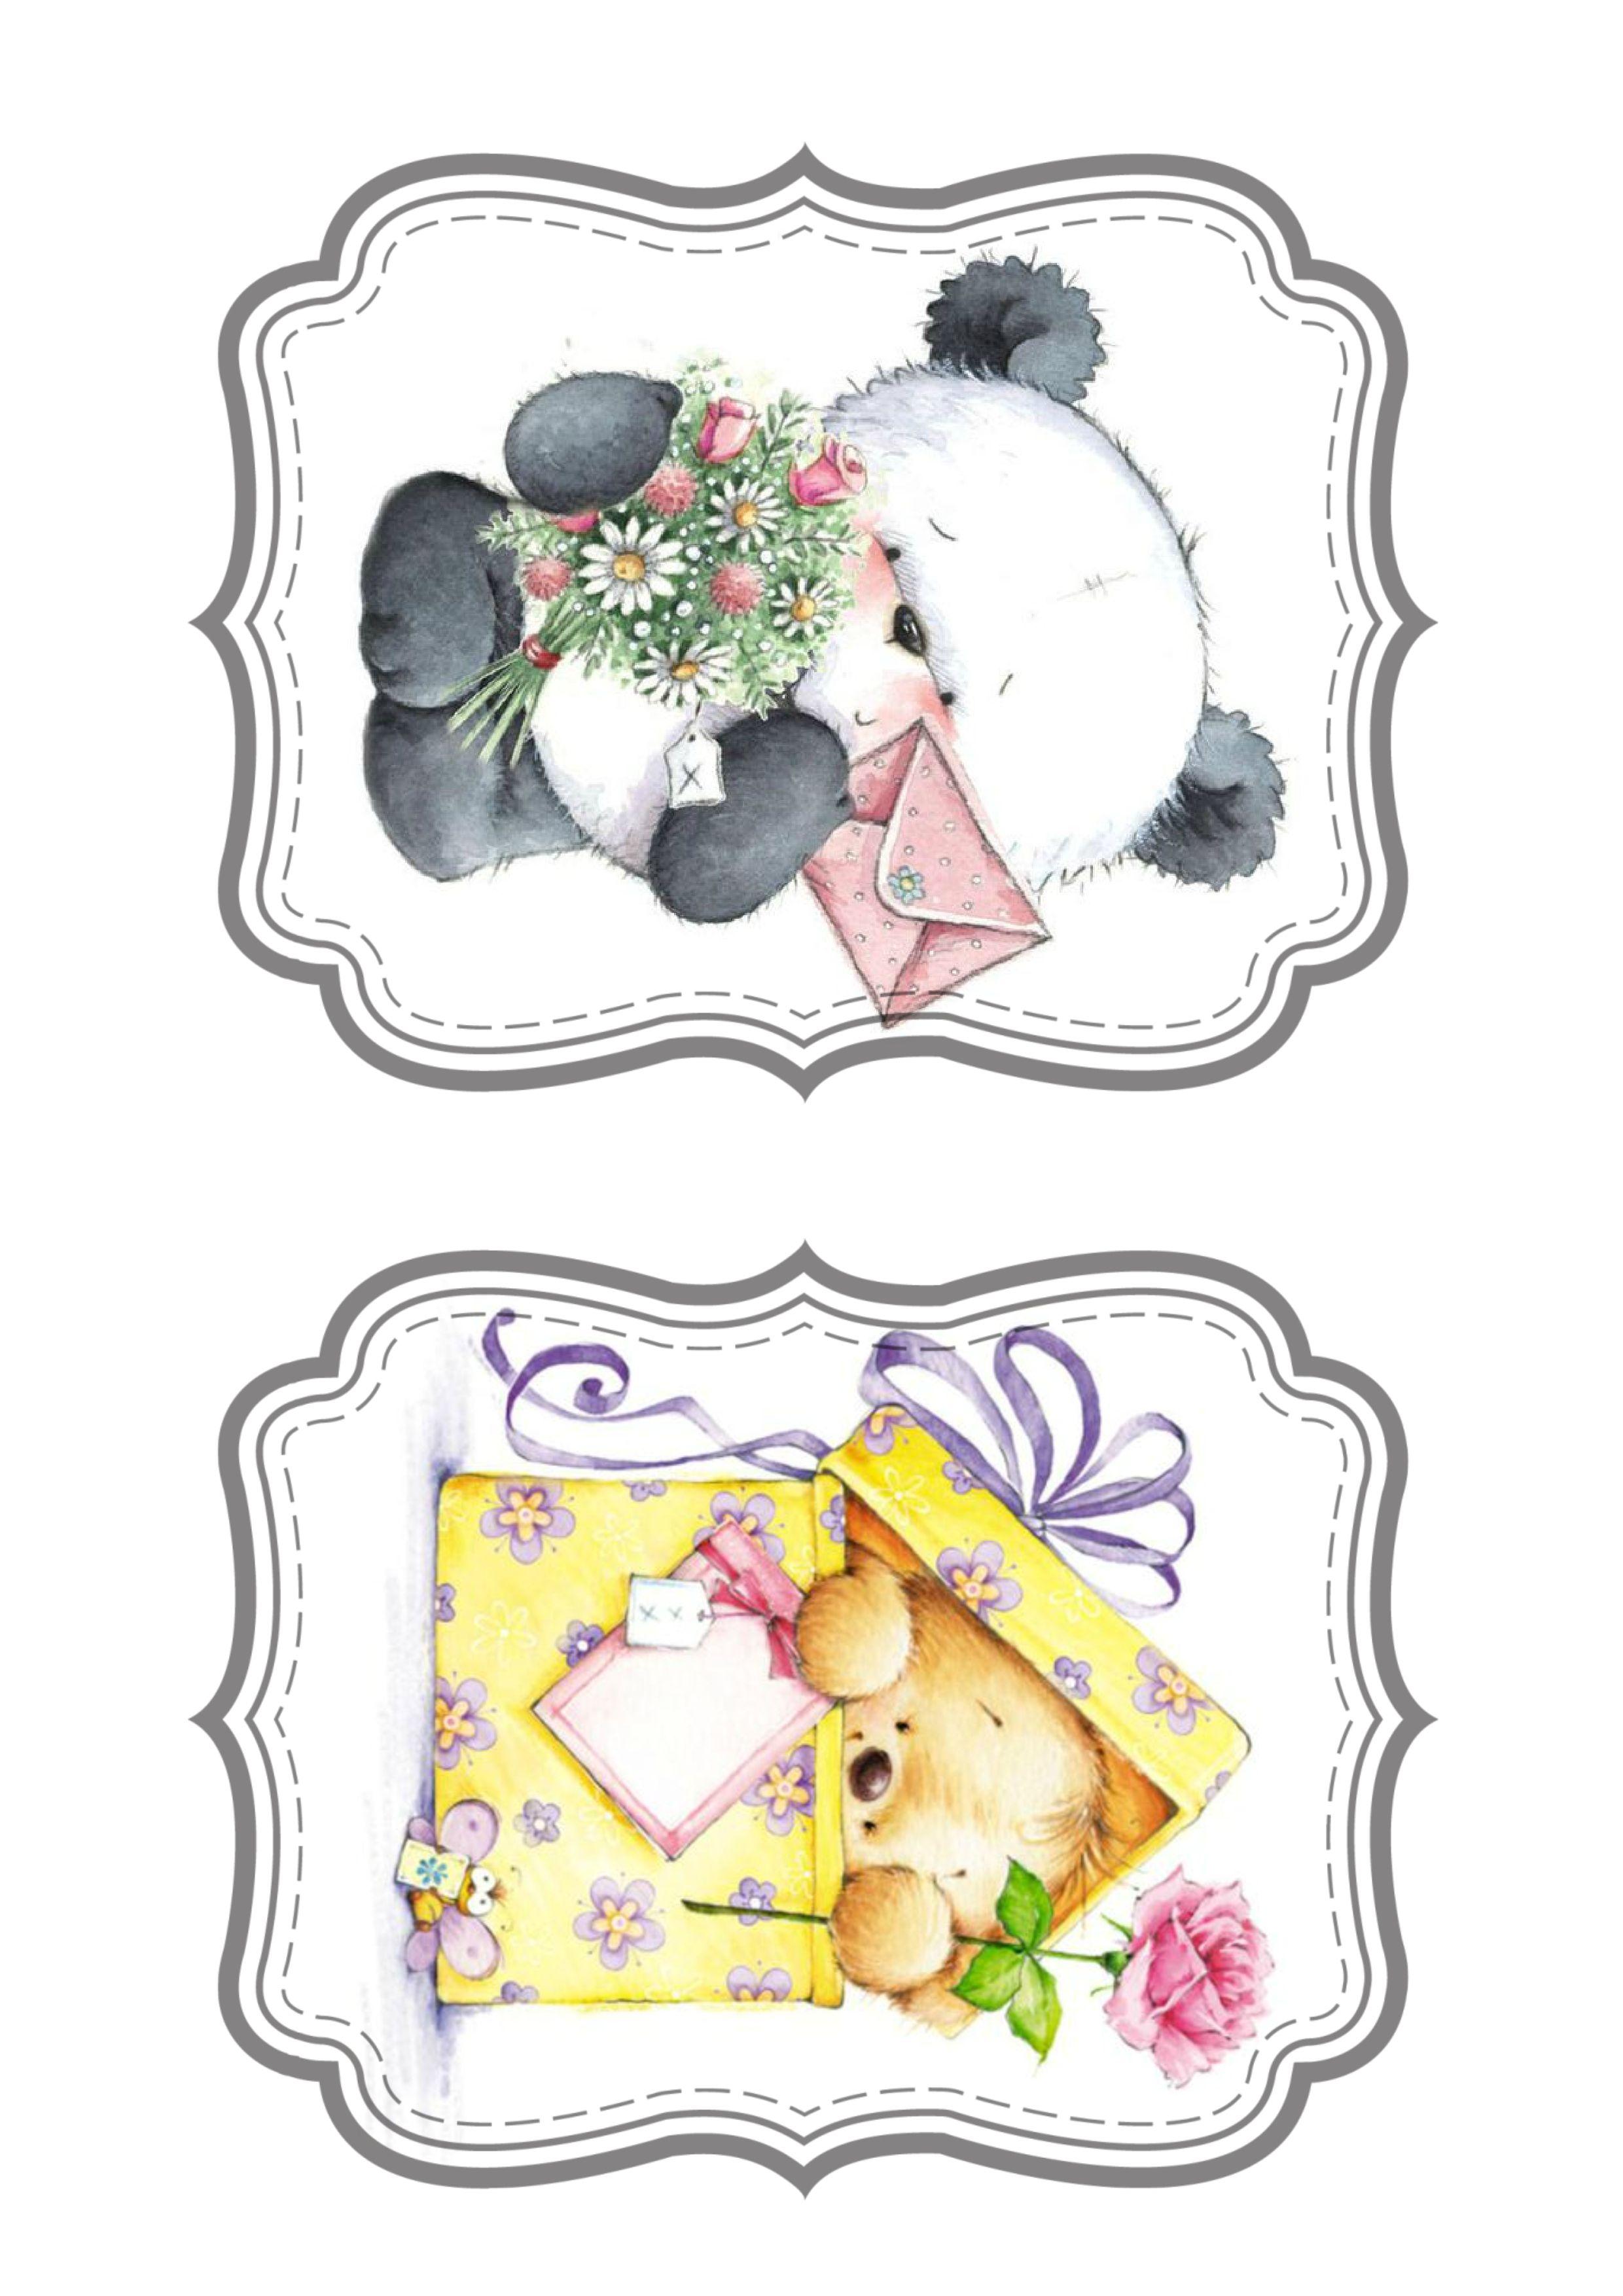 Pin von Irene Sofocleous auf invitations | Pinterest | Klassenzimmer ...